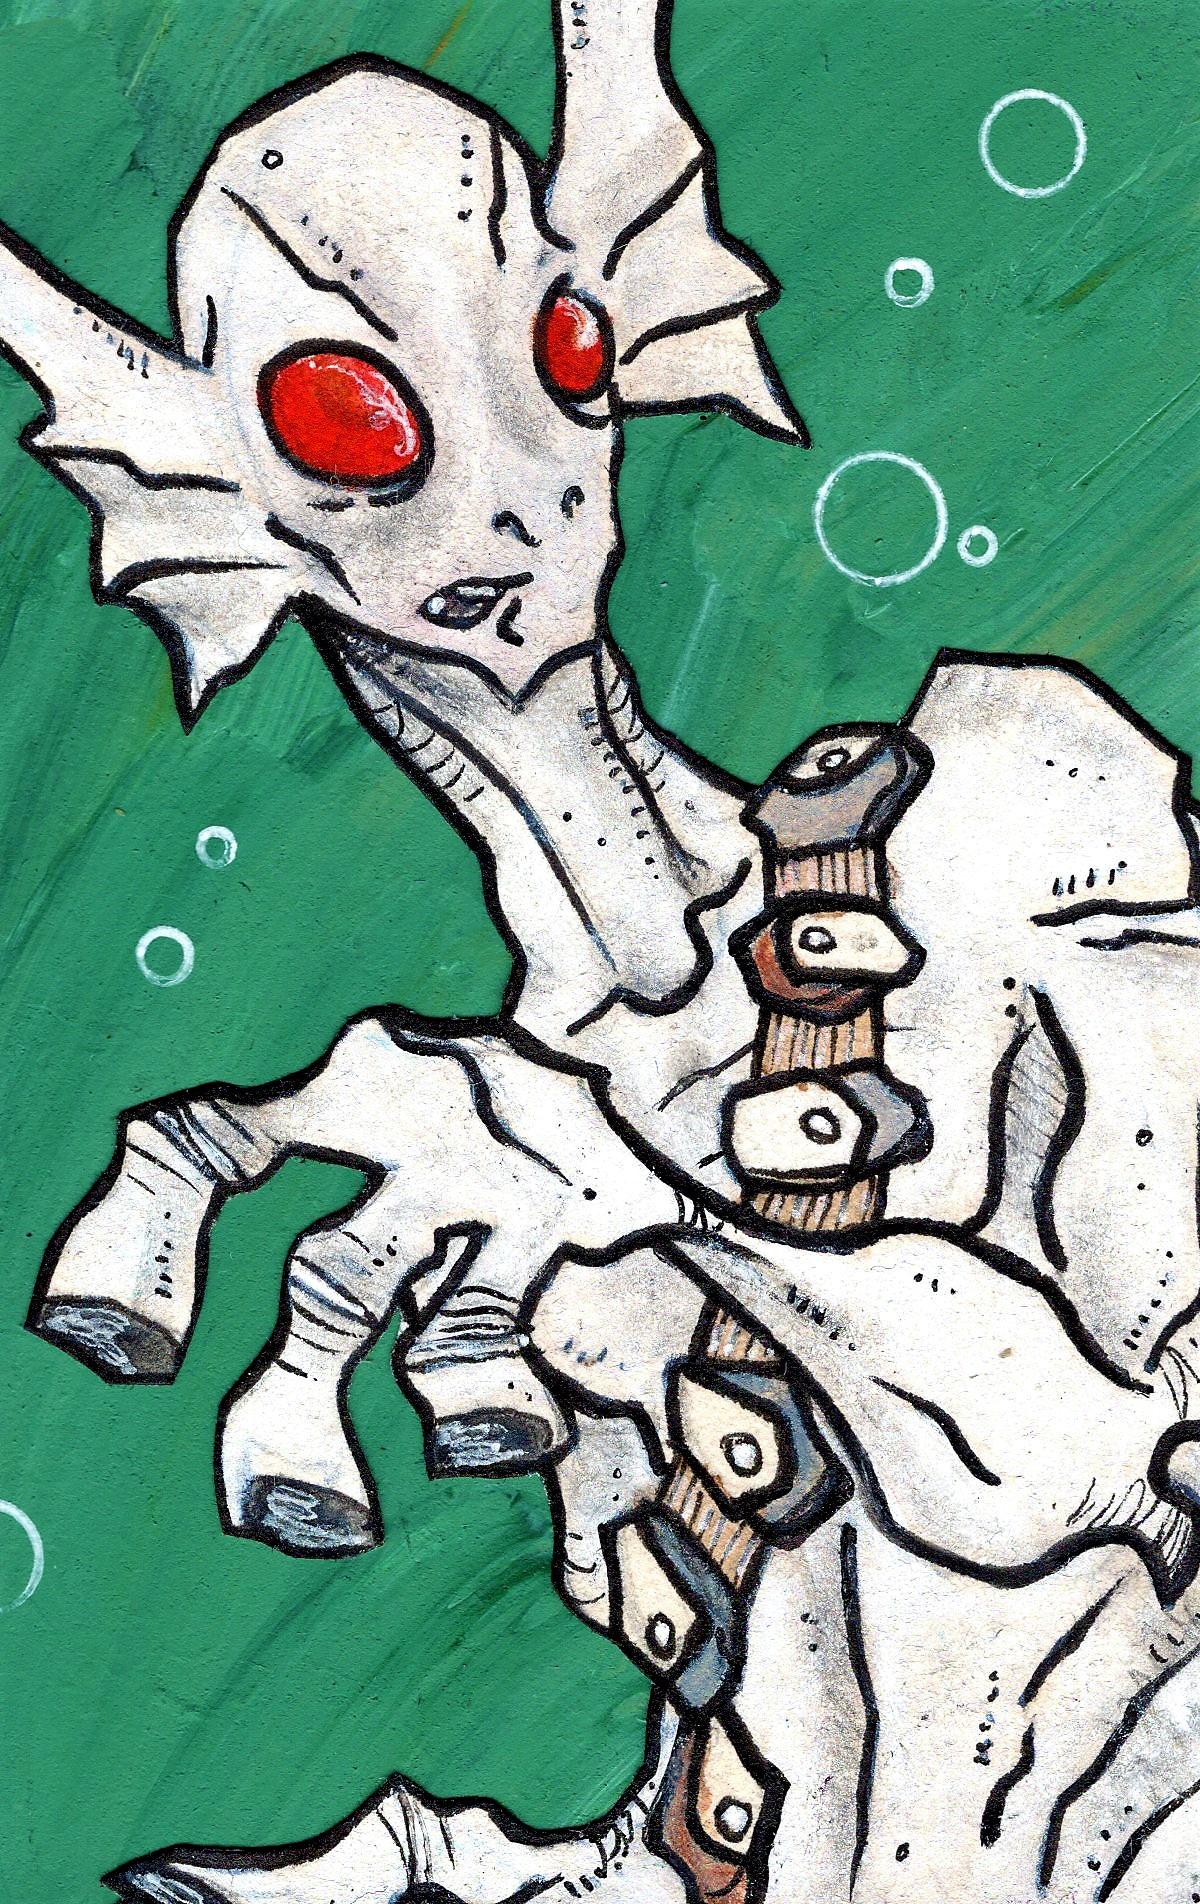 An Oid of Atlantis.